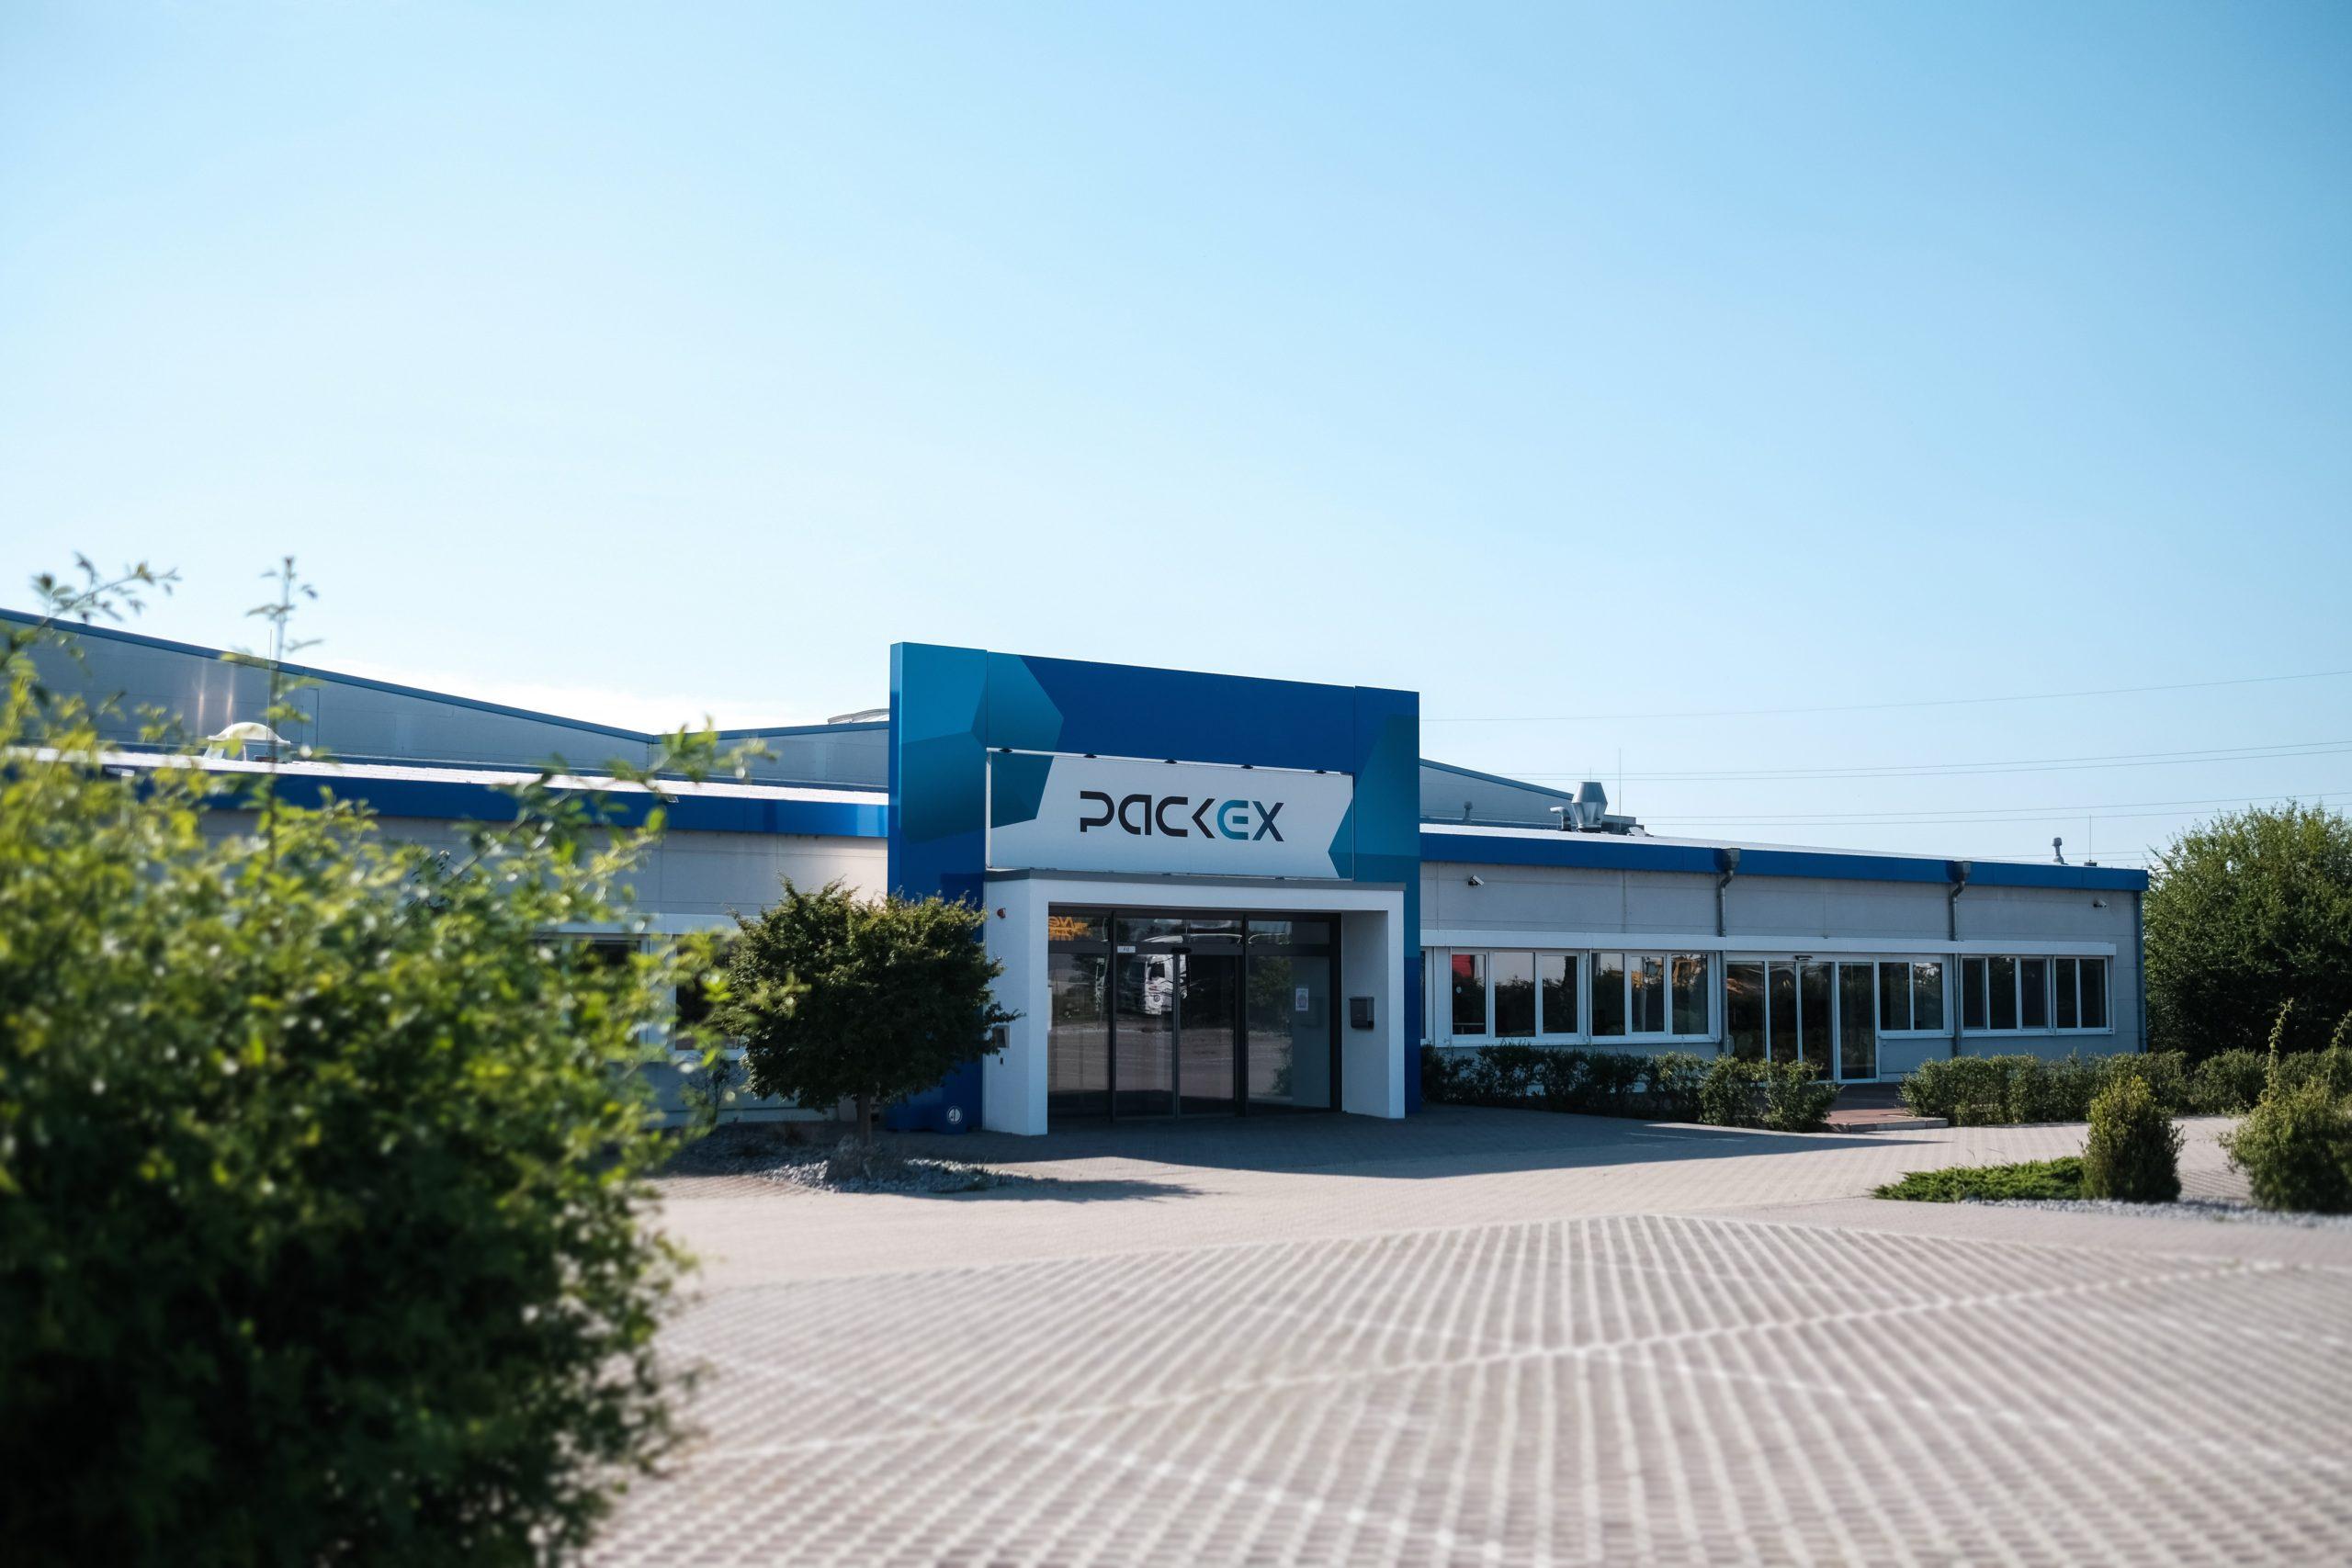 PackEx Gebäude